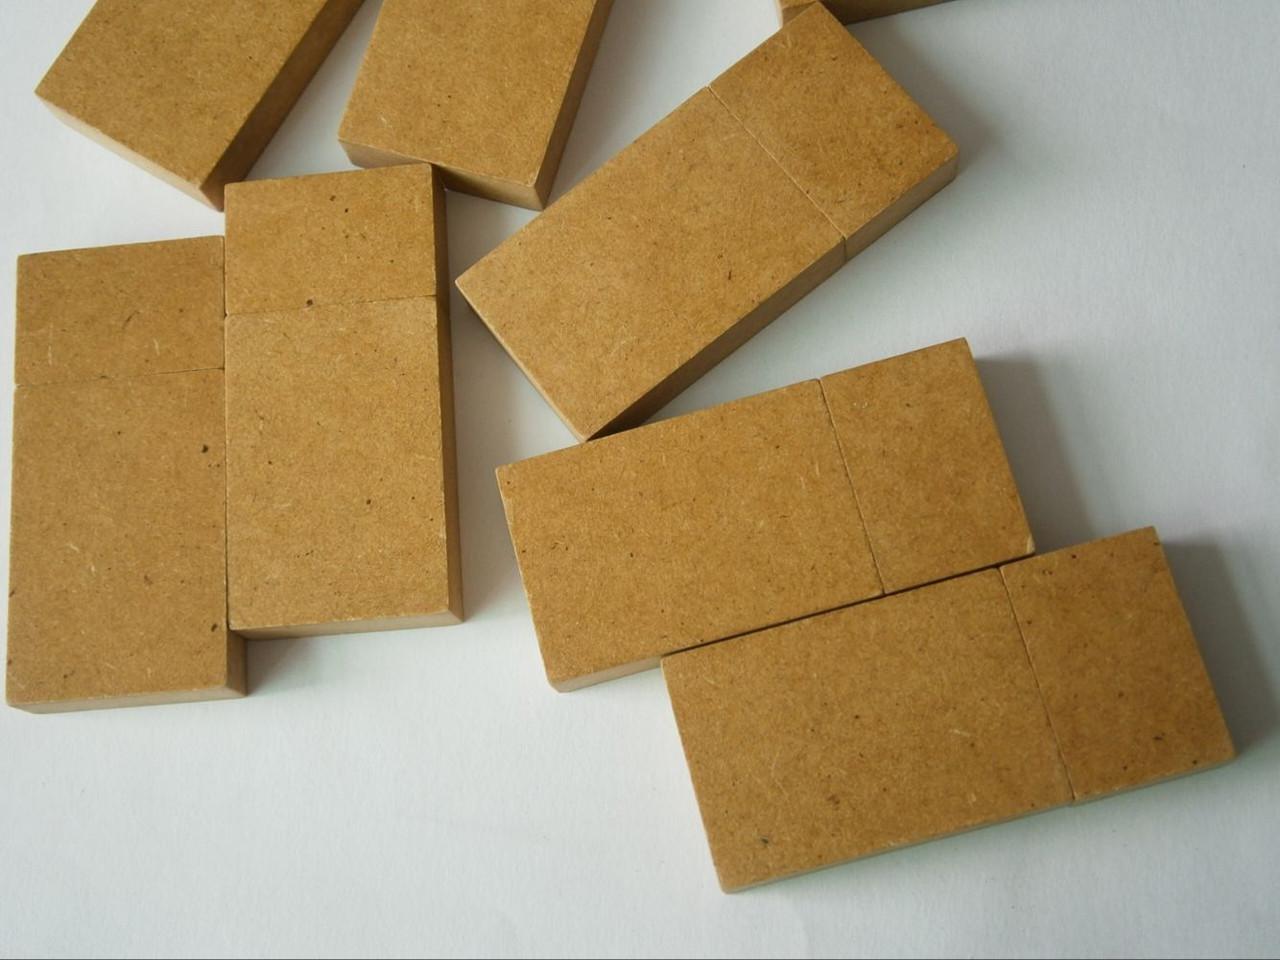 Бумажная флешка 2, 4, 8, 16, 32, 64 гб под нанесение.